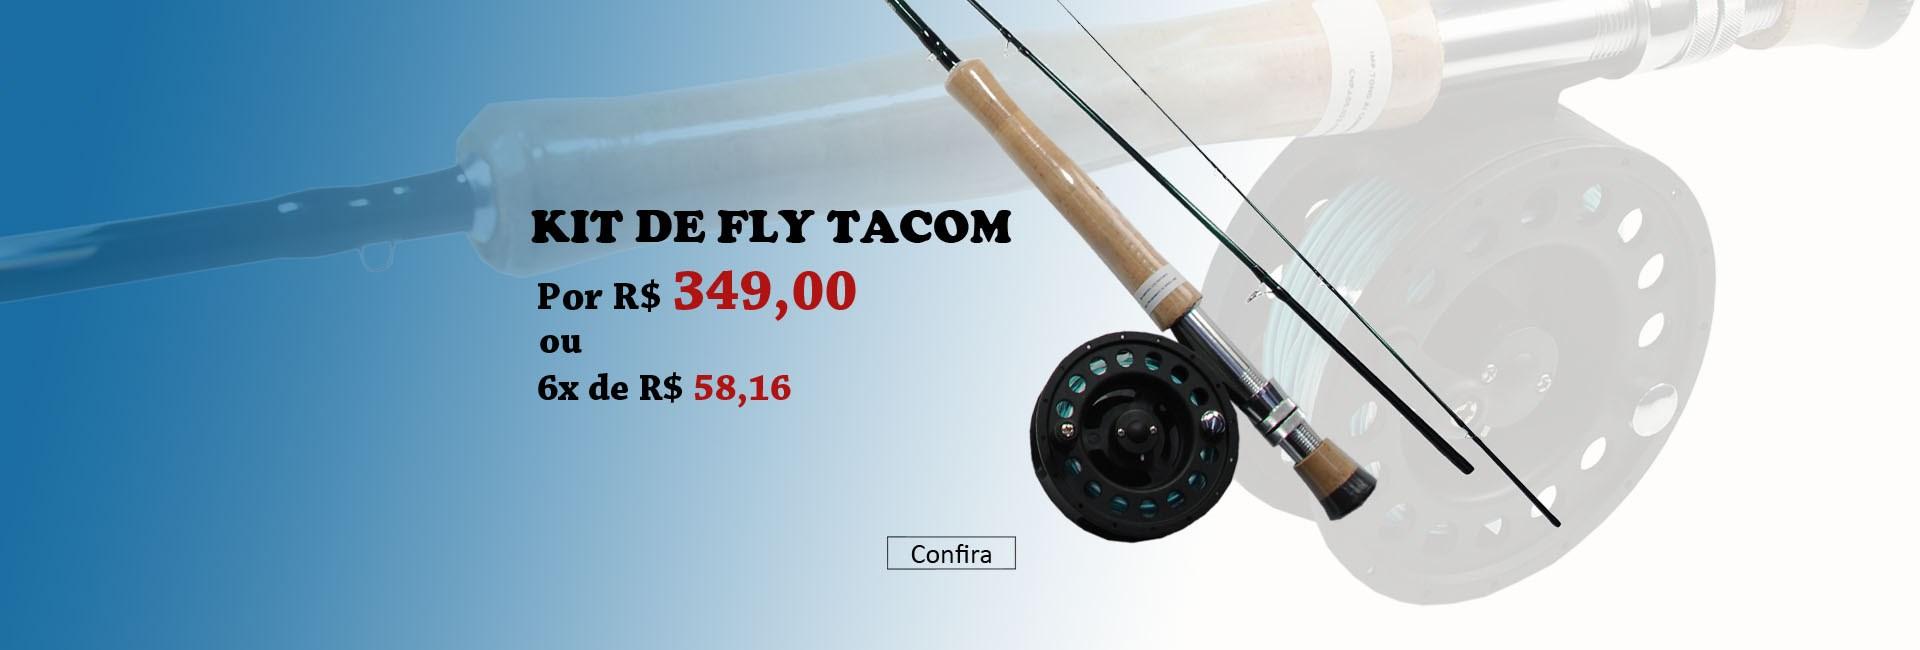 kit fly tacom